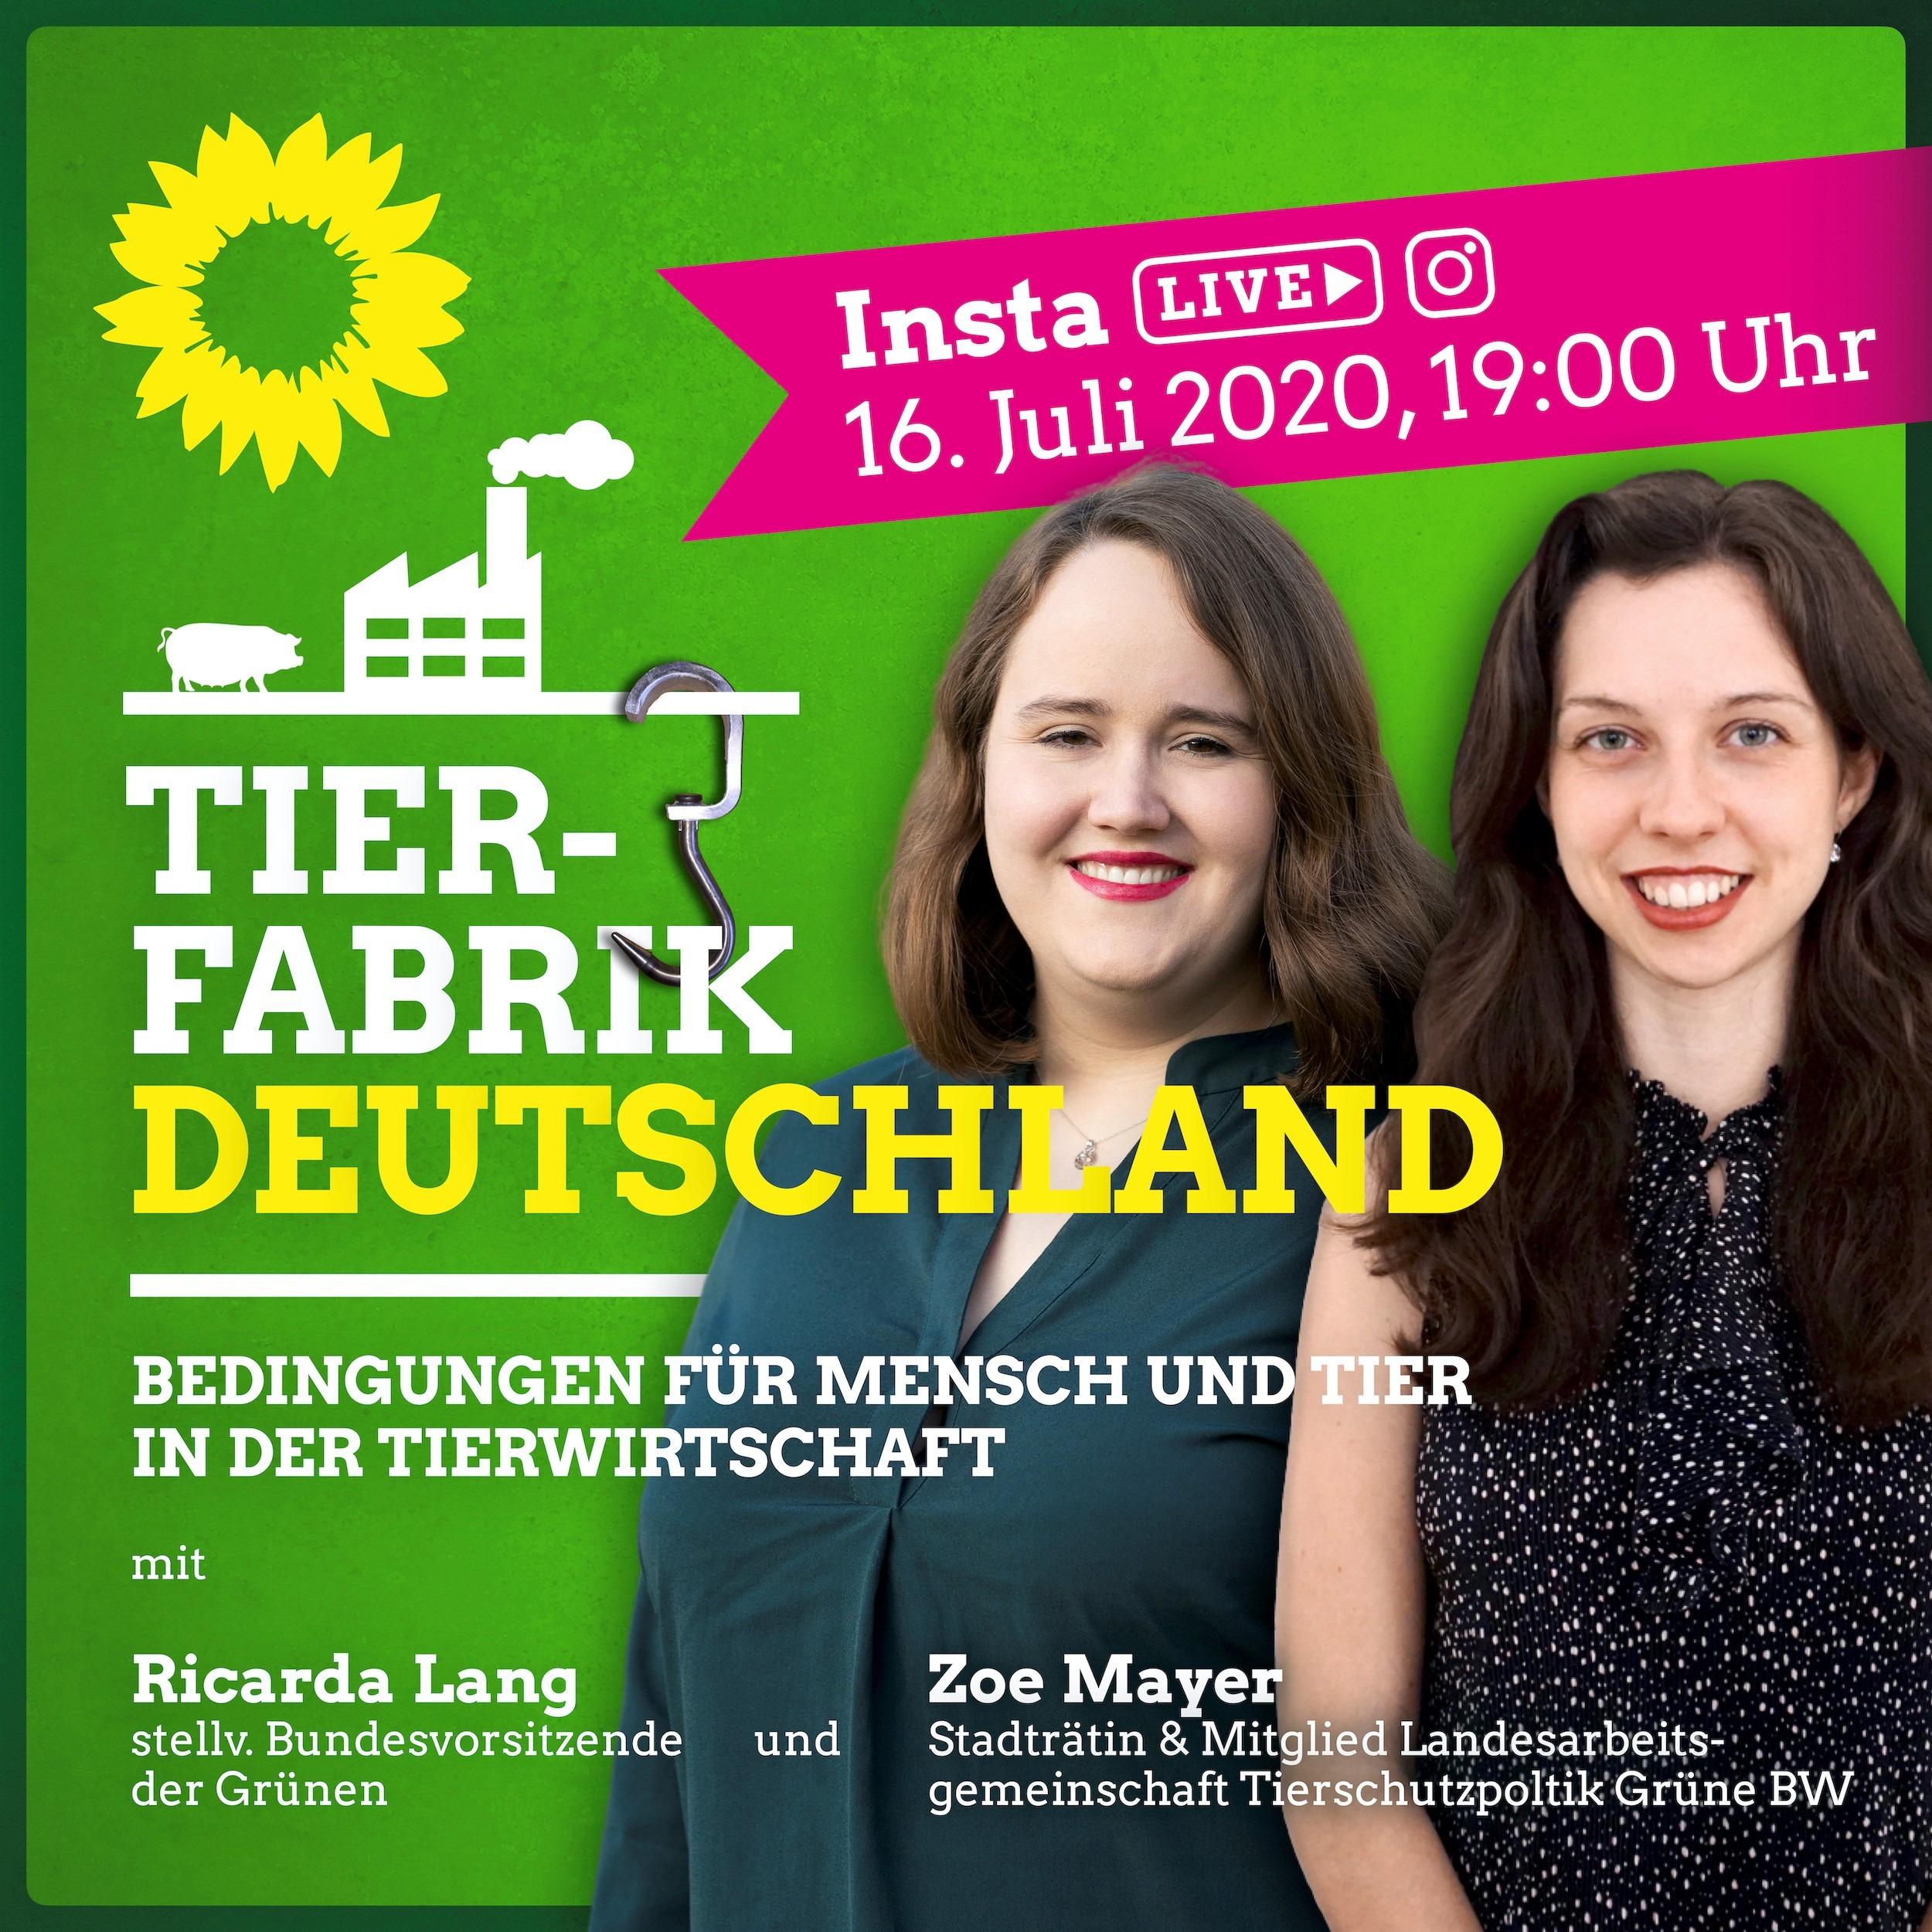 """""""Tierfabrik Deutschland"""" Ricarda und Zoe auf Insta-Live am 16.07.2020 19 Uhr"""